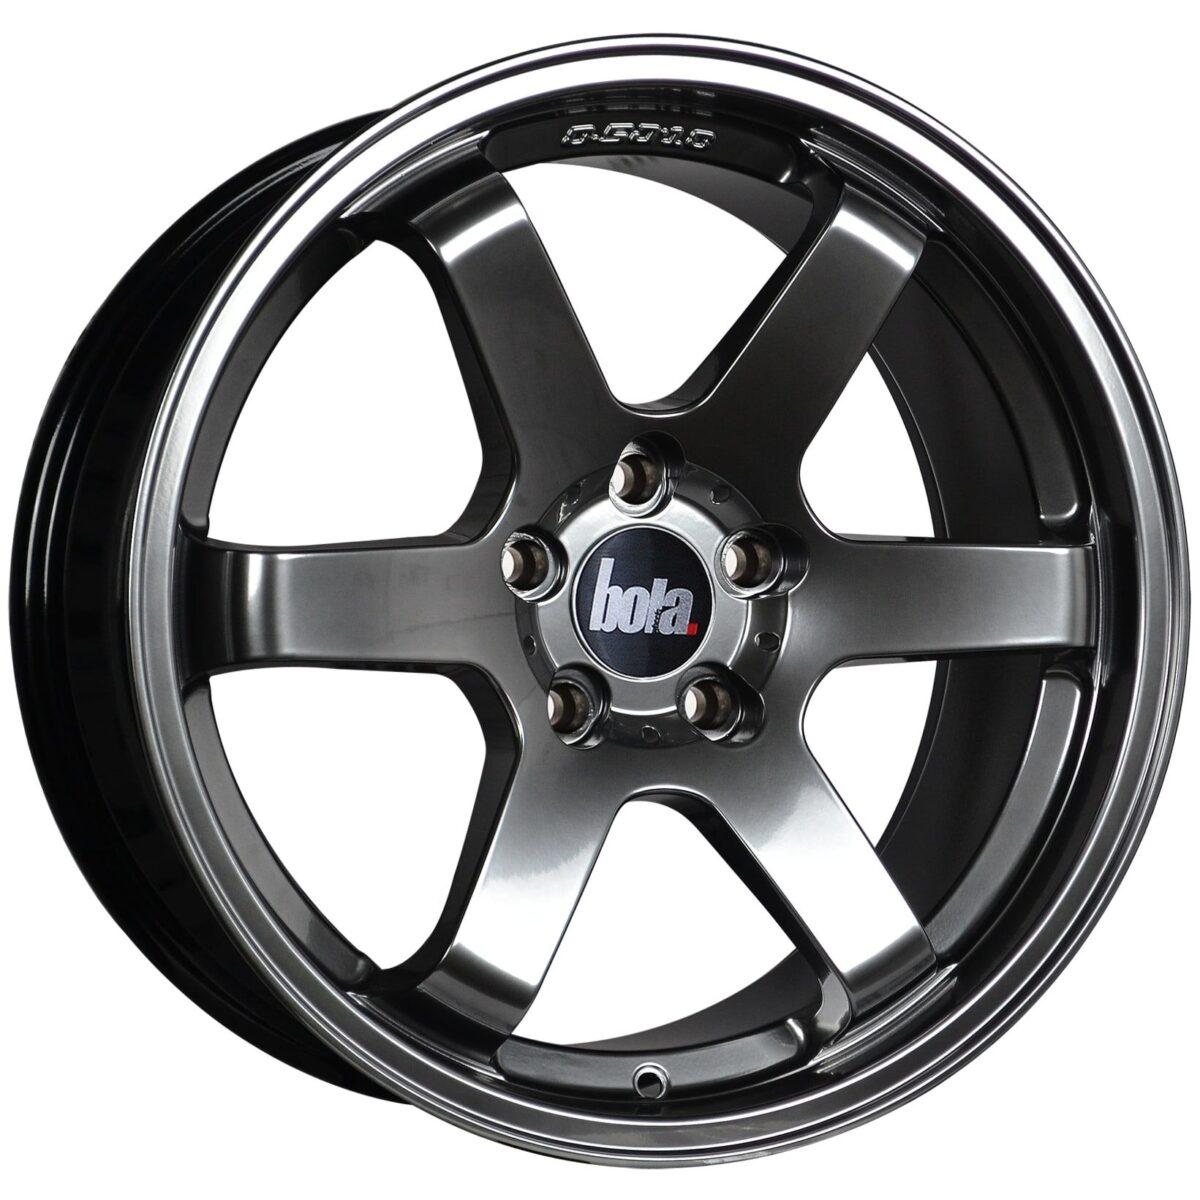 """18"""" BOLA B1 Wheels - Hyper Black - VW / Audi / Mercedes - 5x112"""